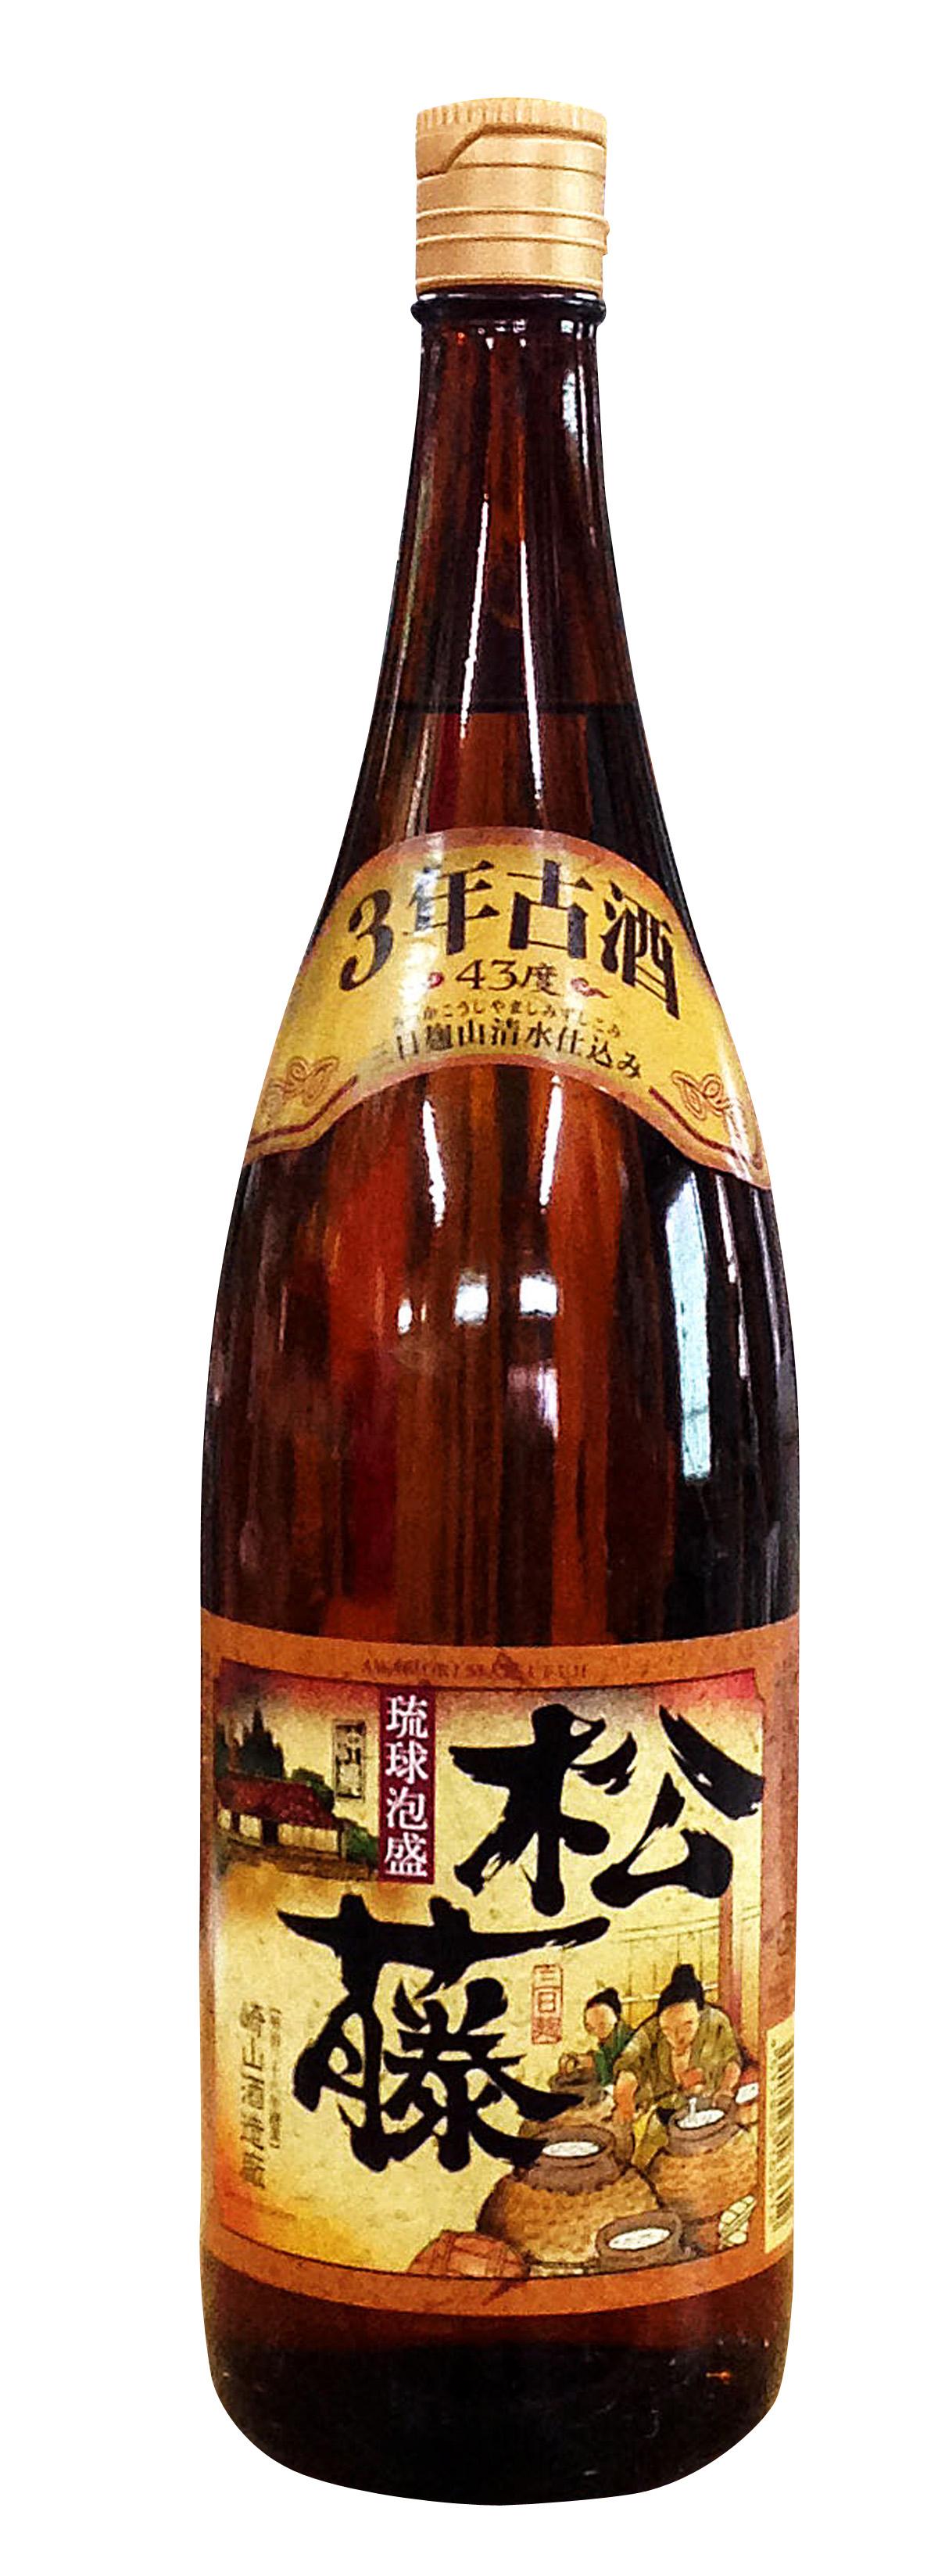 松藤 3年古酒 一升瓶 (1800ml)